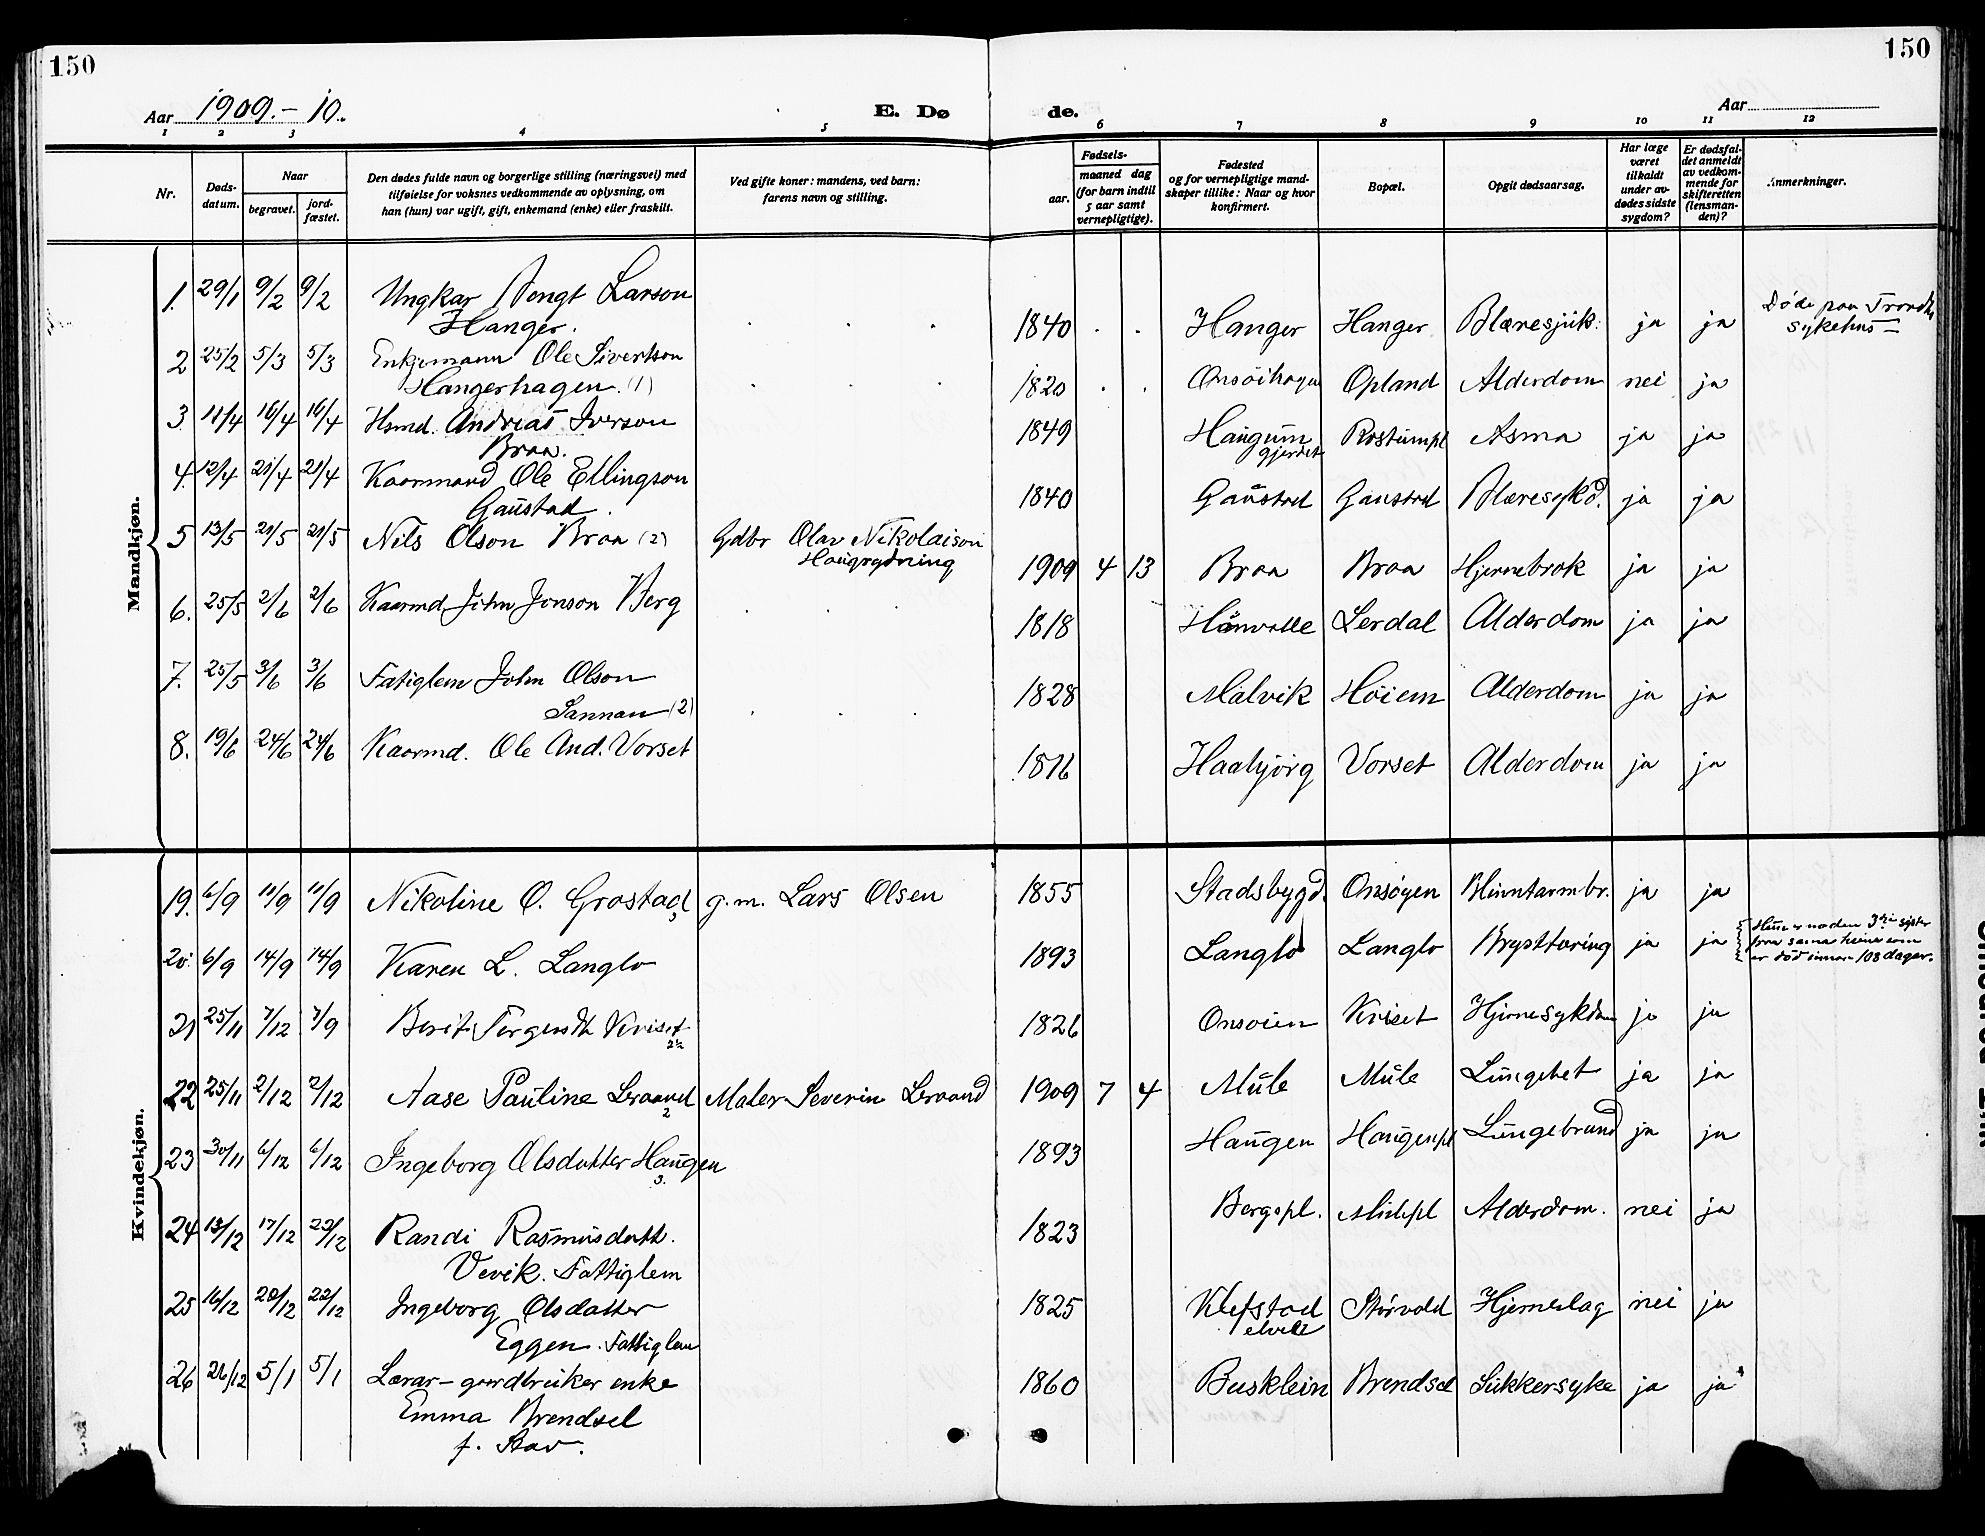 SAT, Ministerialprotokoller, klokkerbøker og fødselsregistre - Sør-Trøndelag, 612/L0388: Klokkerbok nr. 612C04, 1909-1929, s. 150